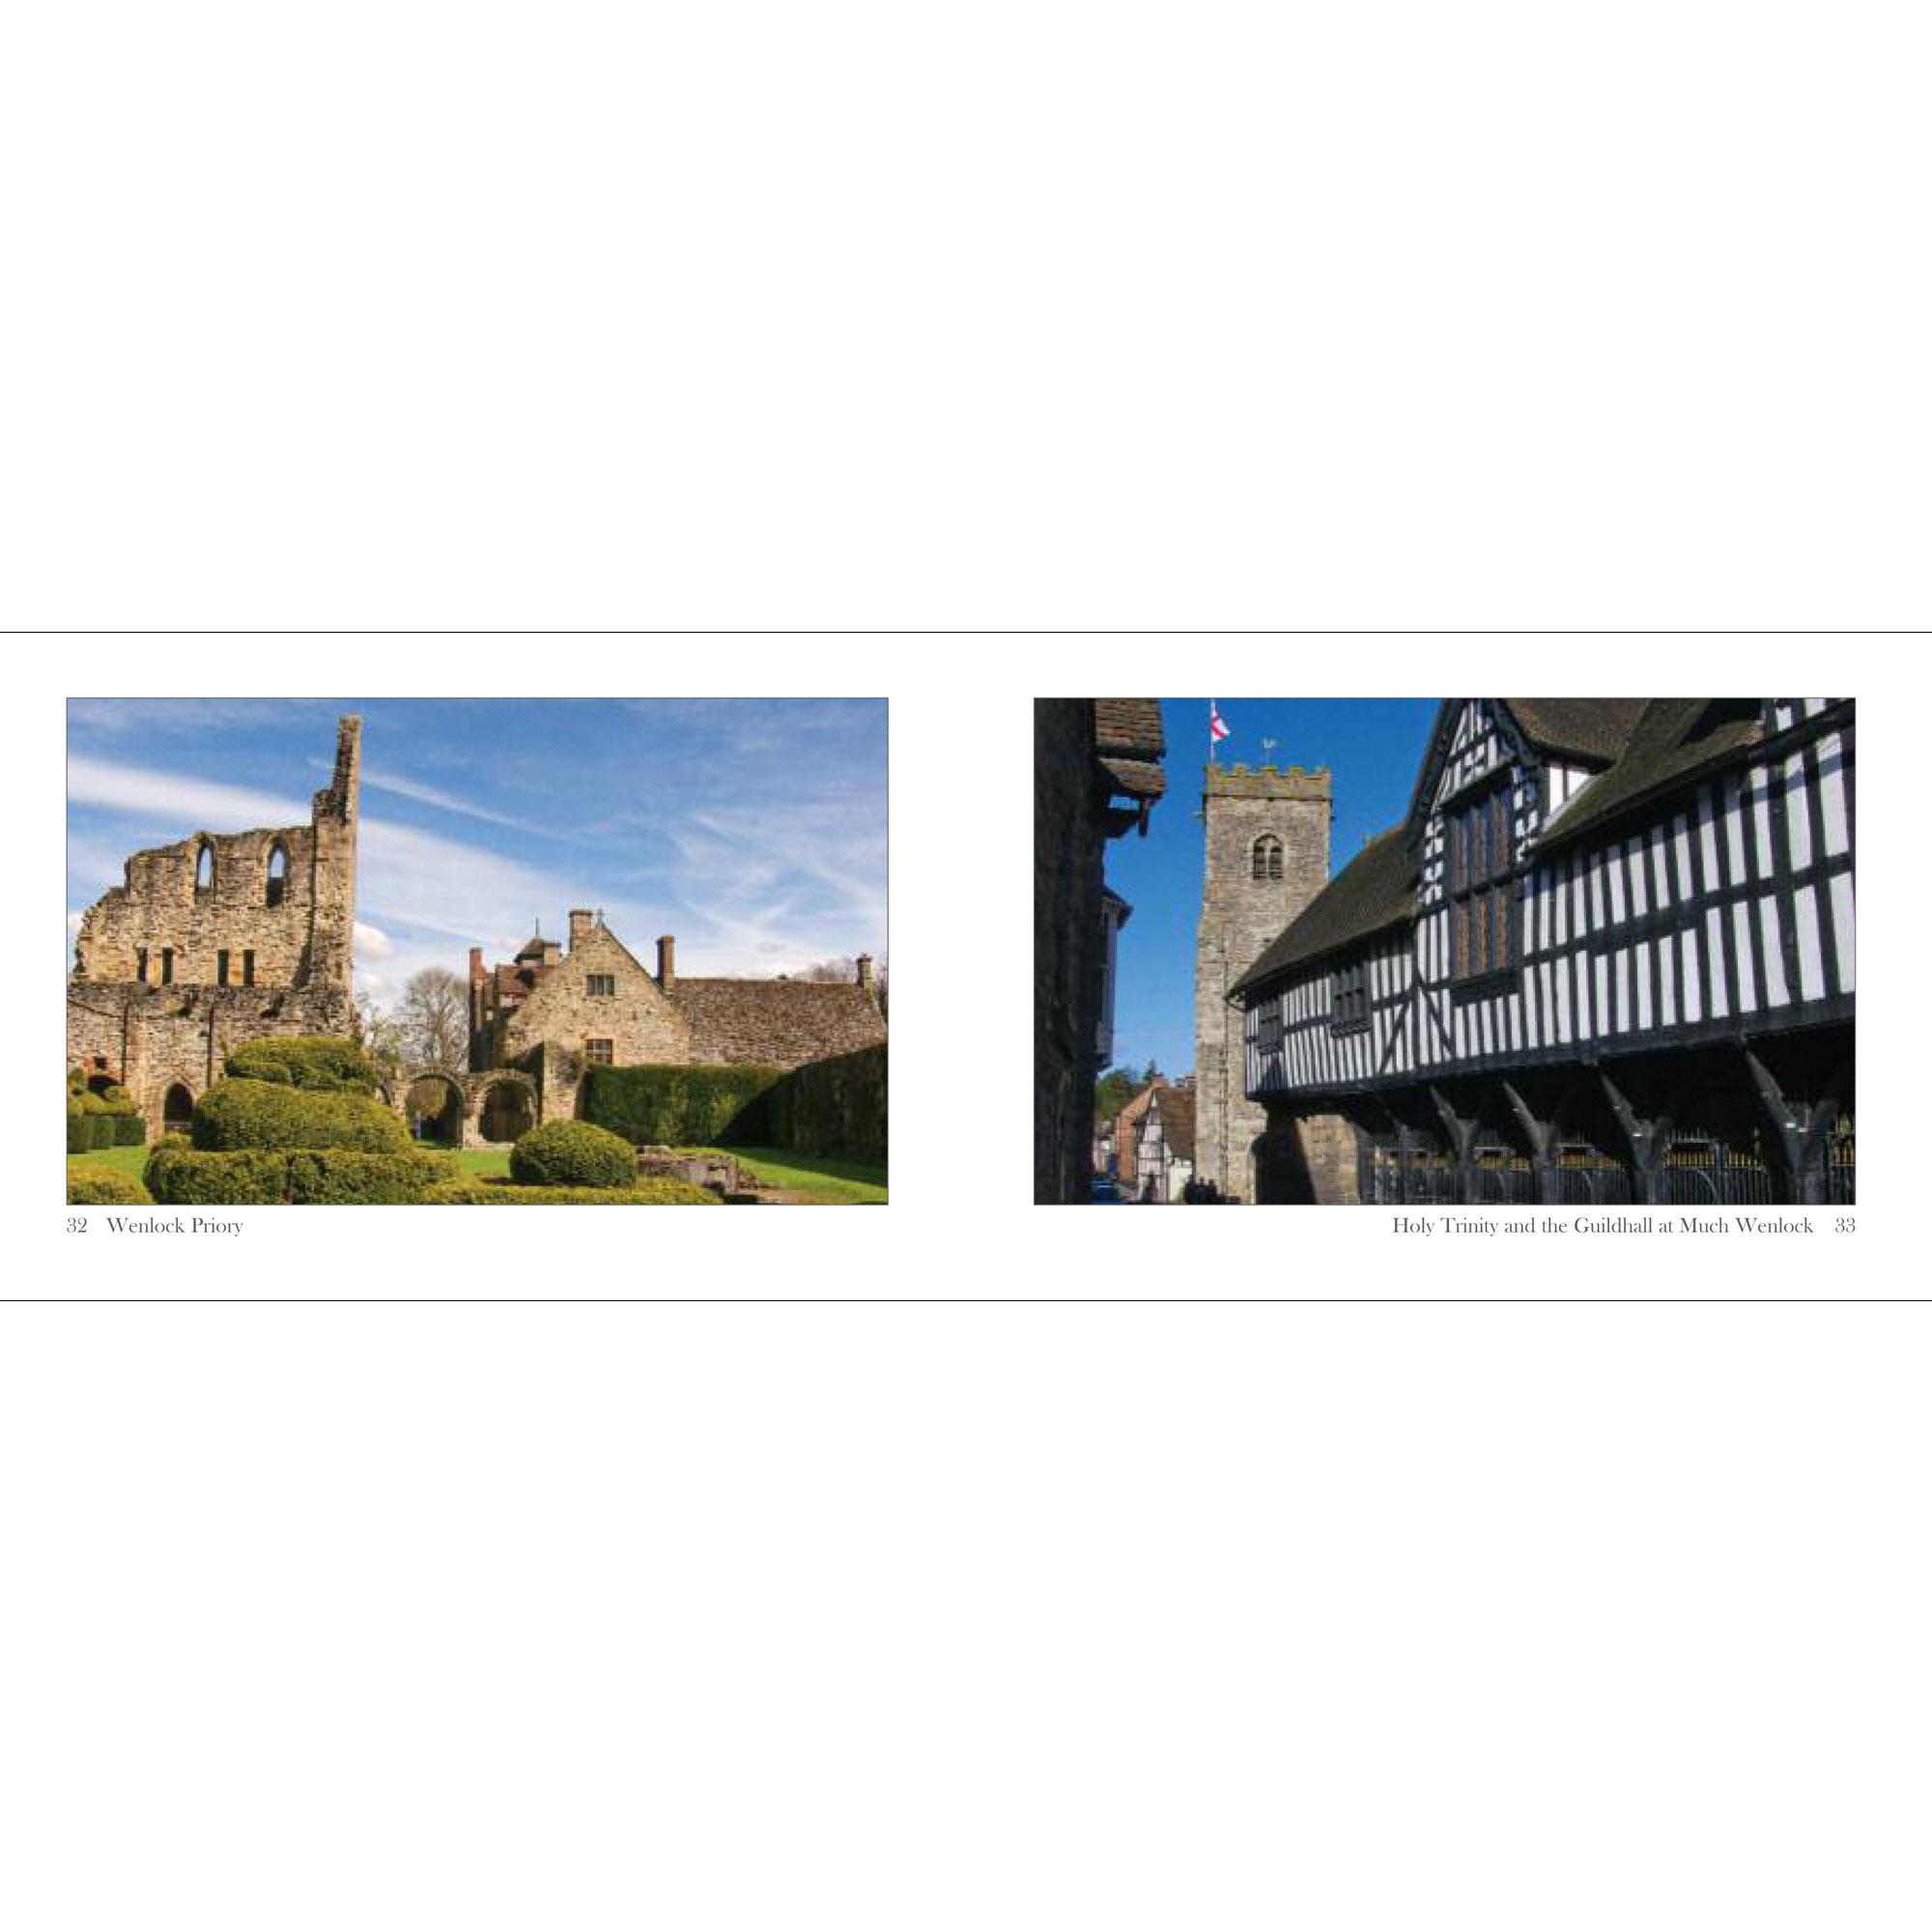 Ludlow & Shropshire a little souvenir - spread